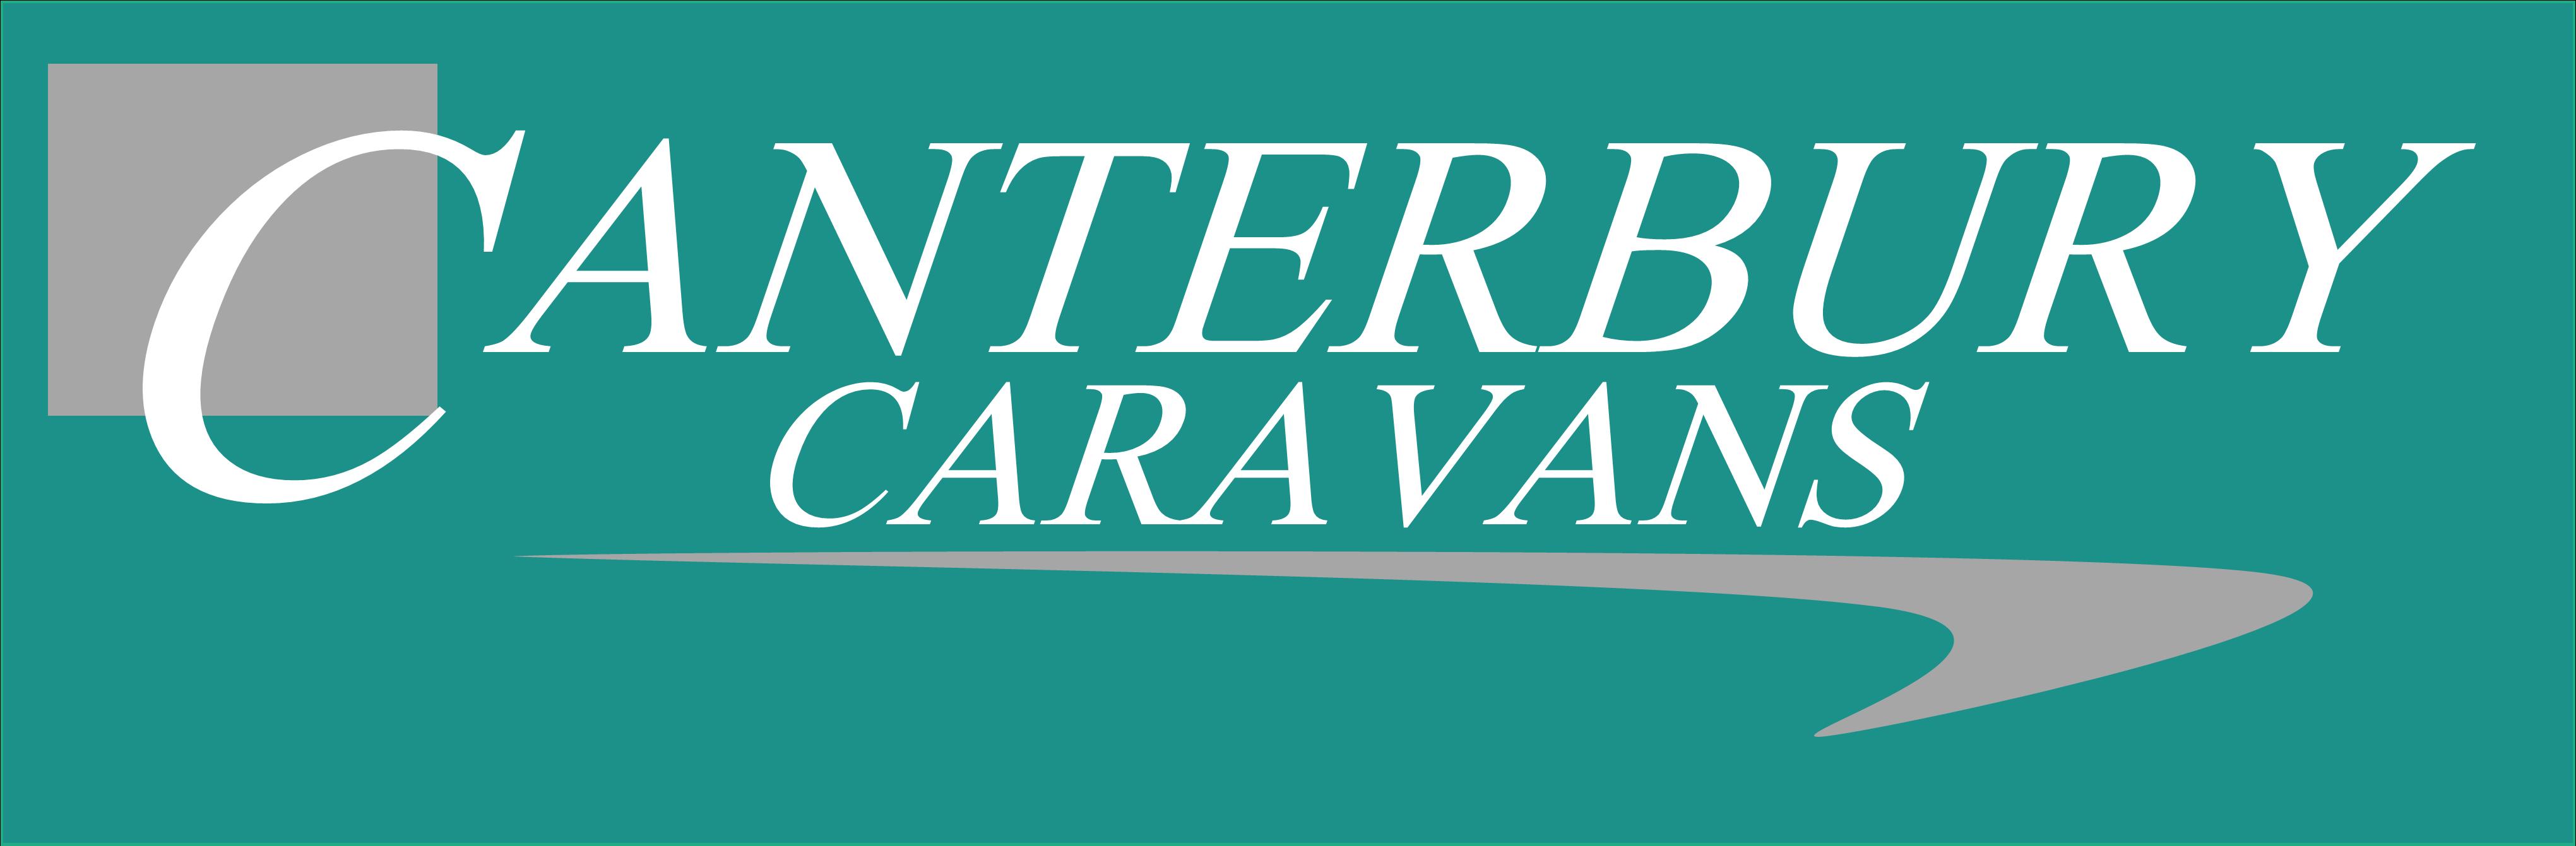 Bendigo Concept Caravans